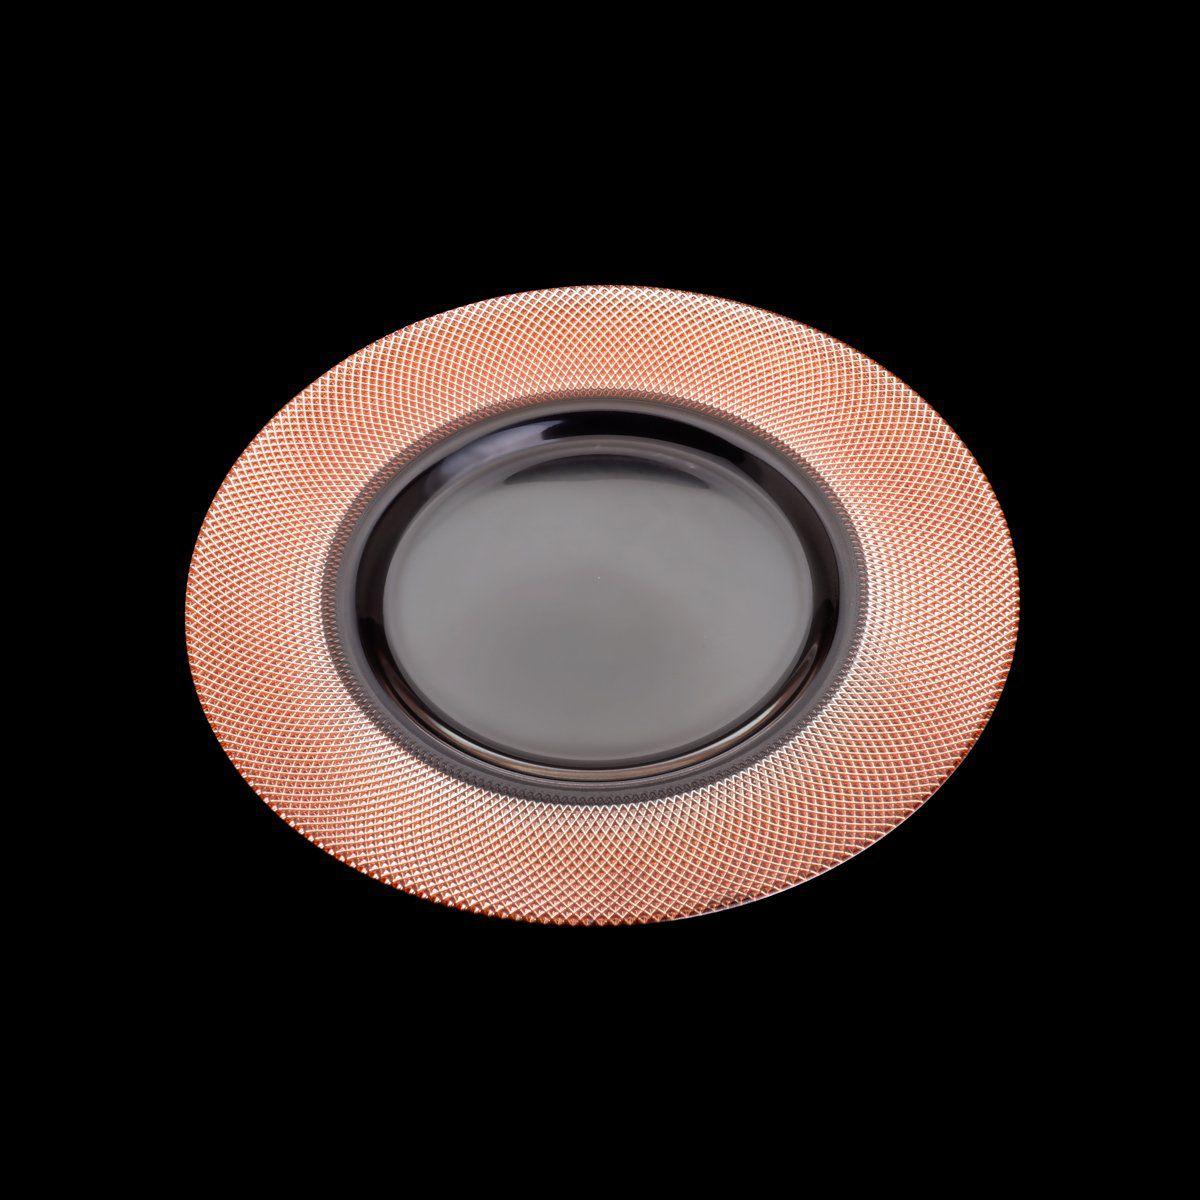 Sousplat 32,5 cm de cristal transparente e rosé gold Rojemac - 26787